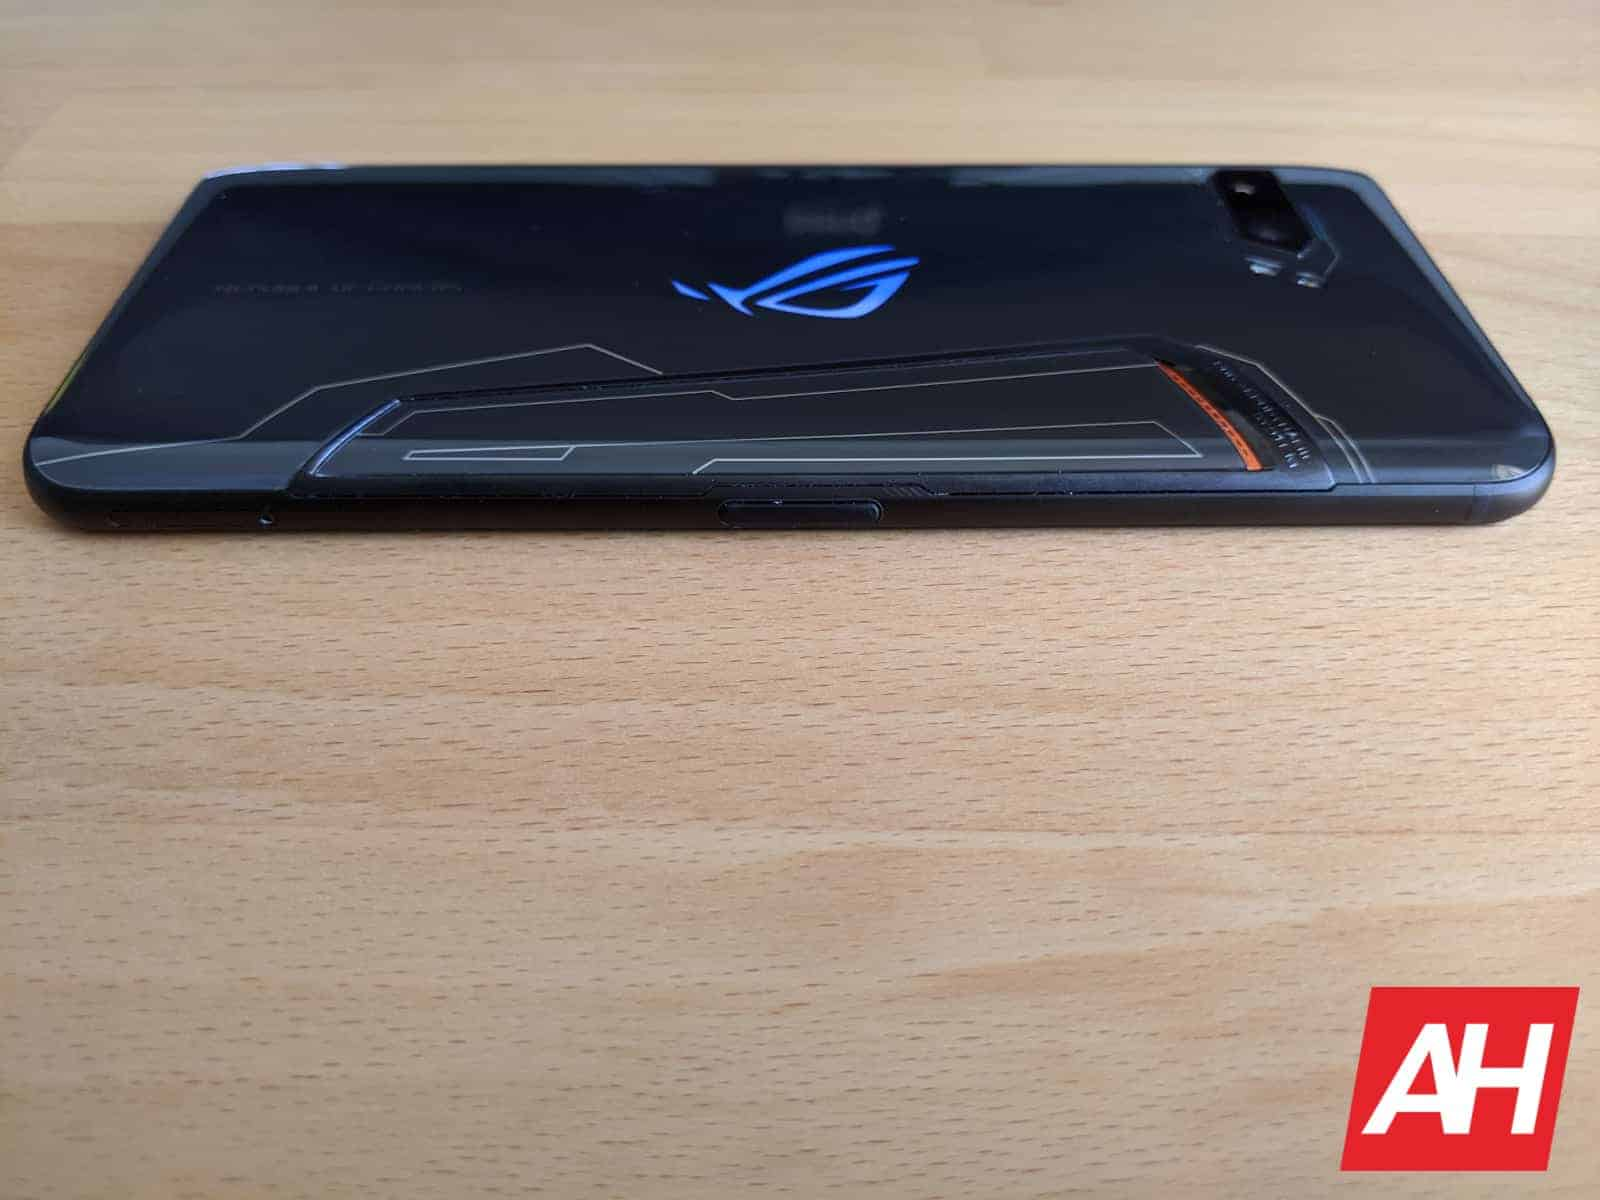 ASUS ROG Phone II 5